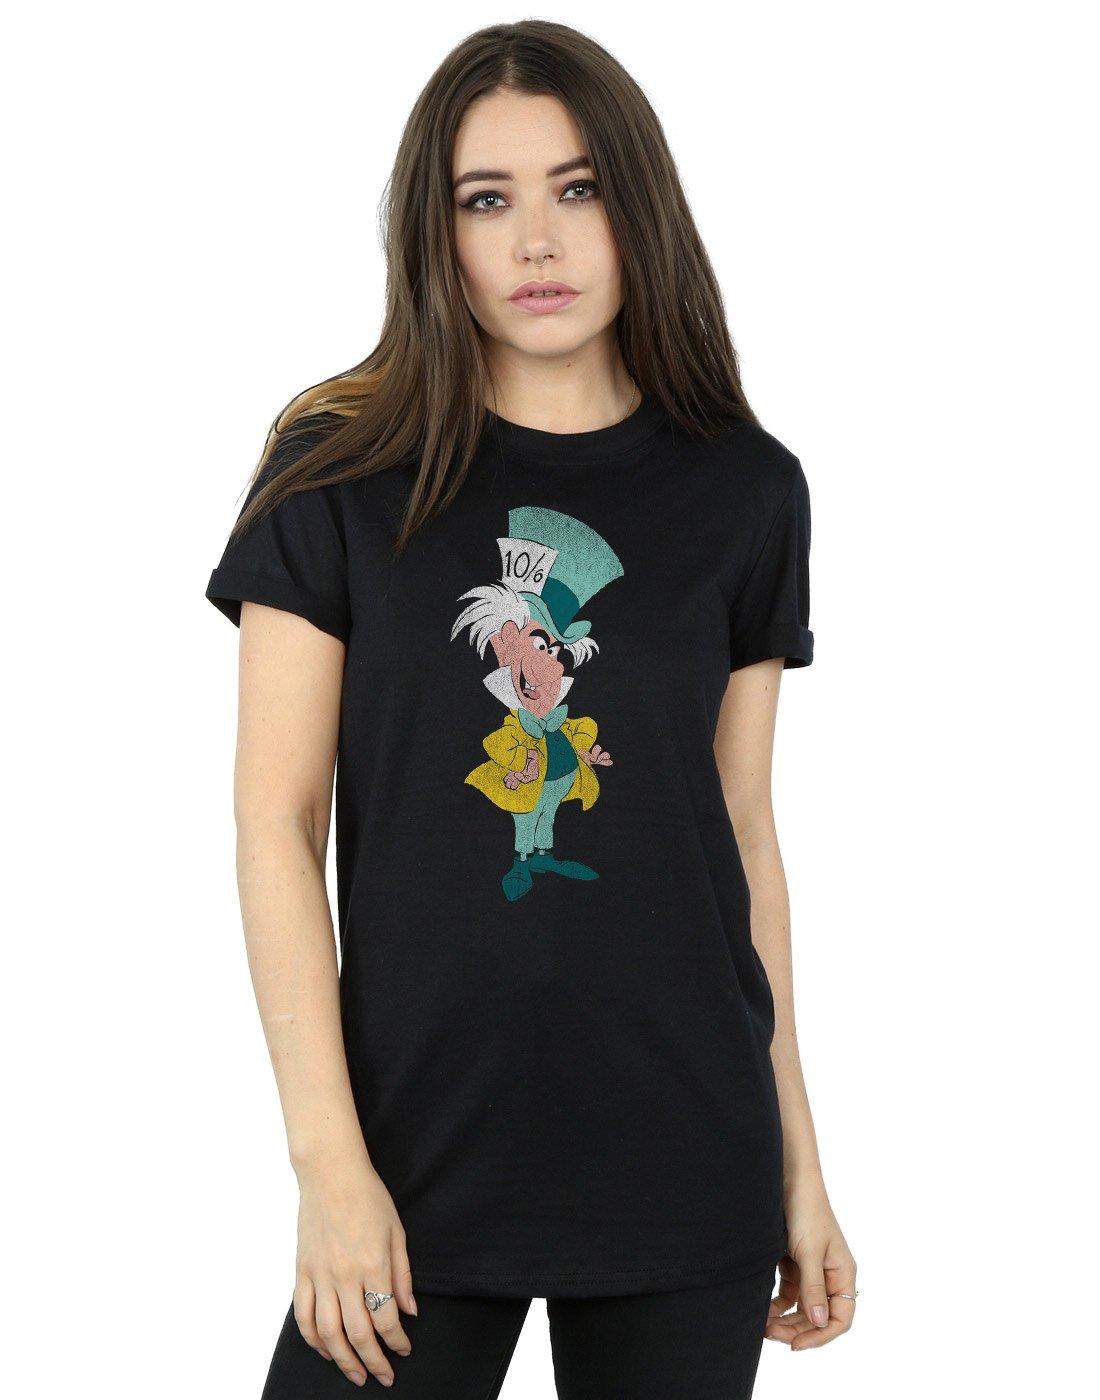 Alice In Wonderland Classic Mad Hatter Boyfriend Shirts